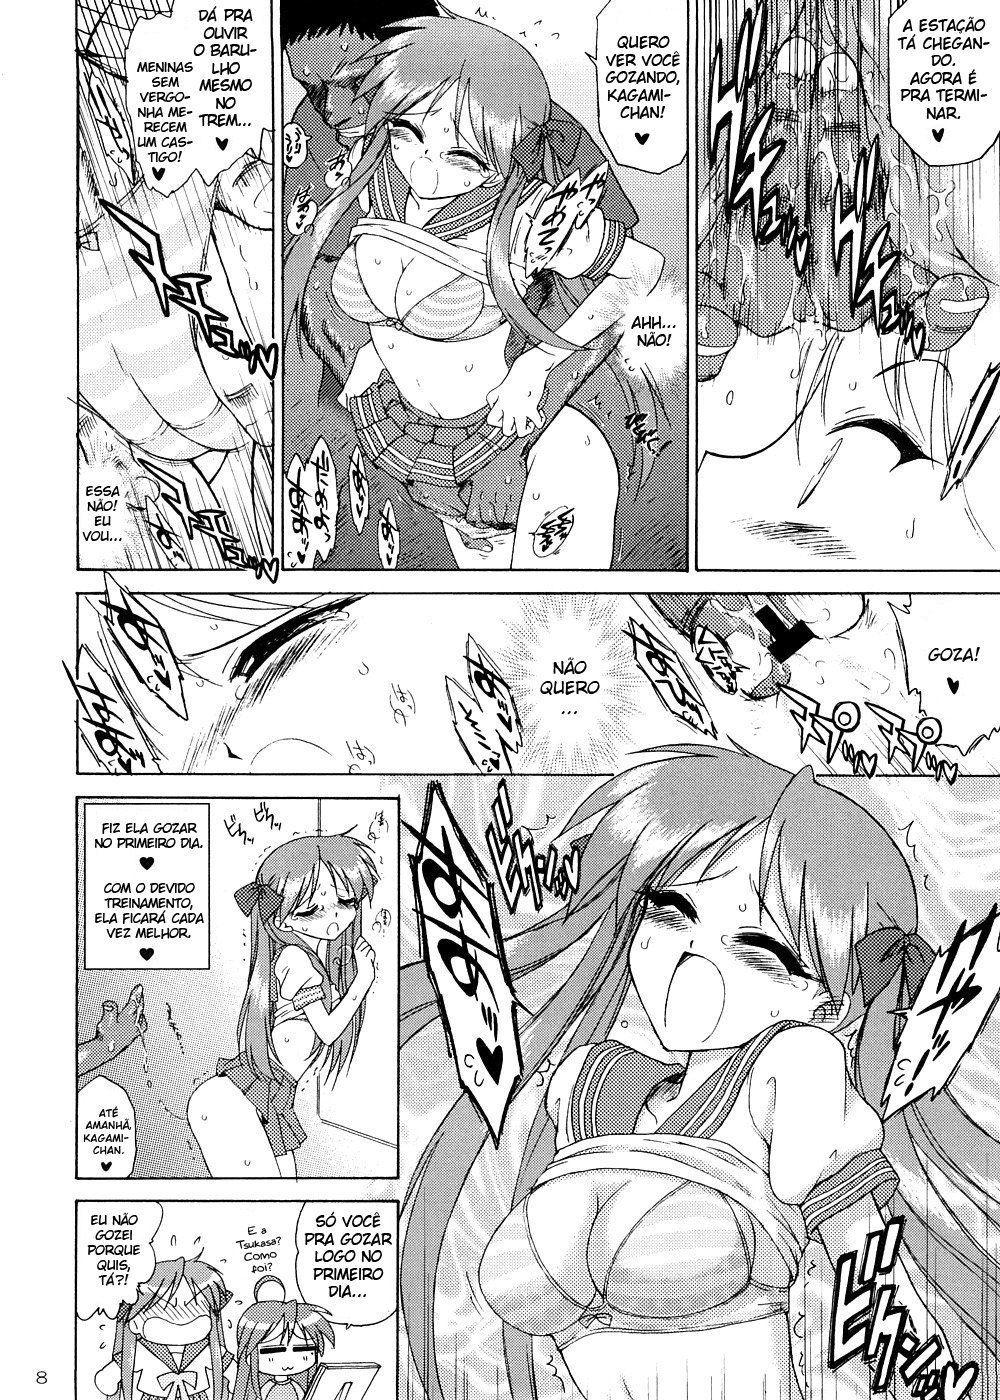 Molestadores-de-virgens-do-trem-hentaihome-7